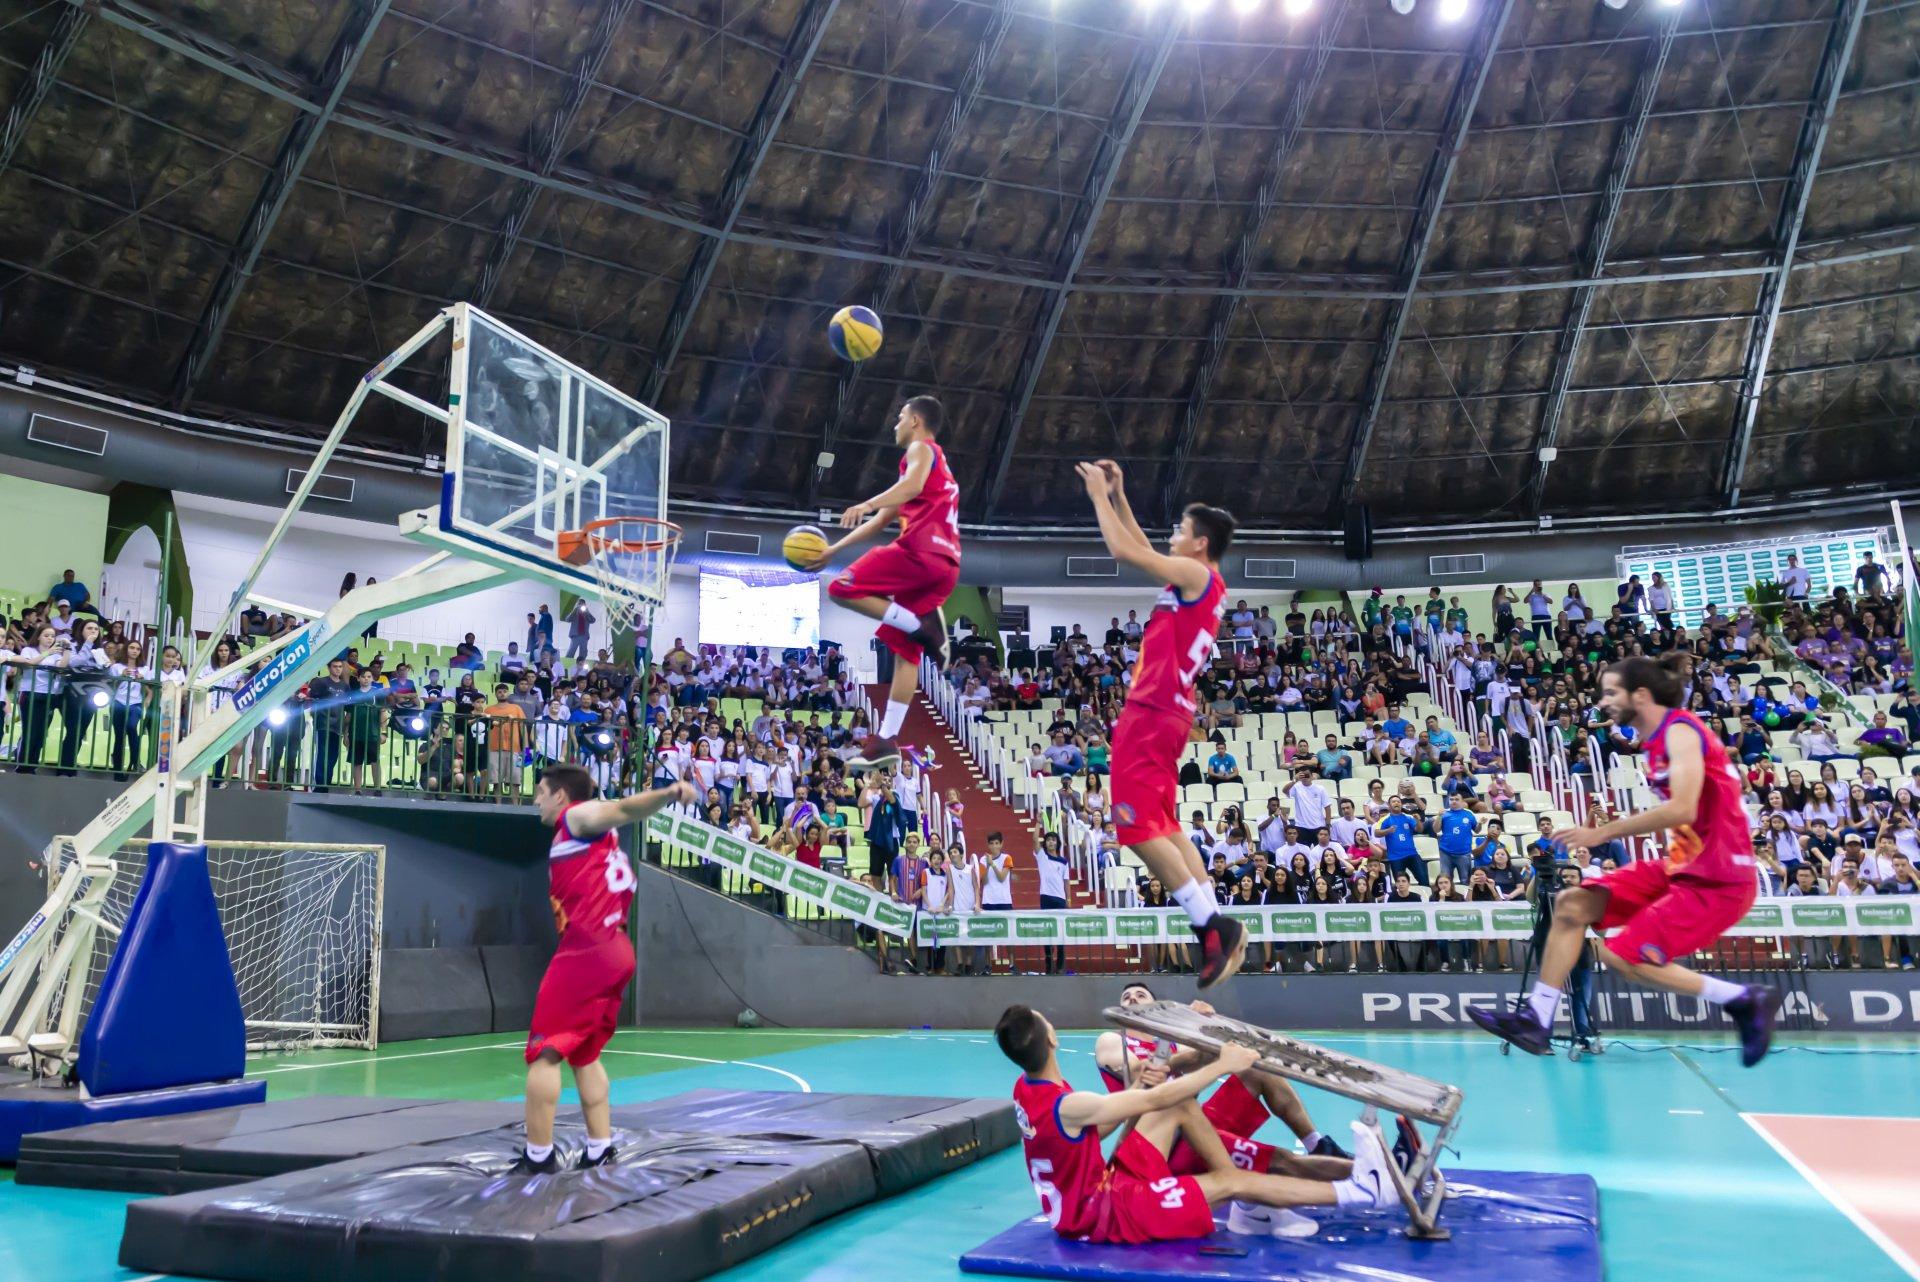 A Copa Unimed é um dos maiores eventos esportivos do sul do país e tem como objetivo integrar os alunos da rede pública e particular. Foto: Divulgação/Unimed